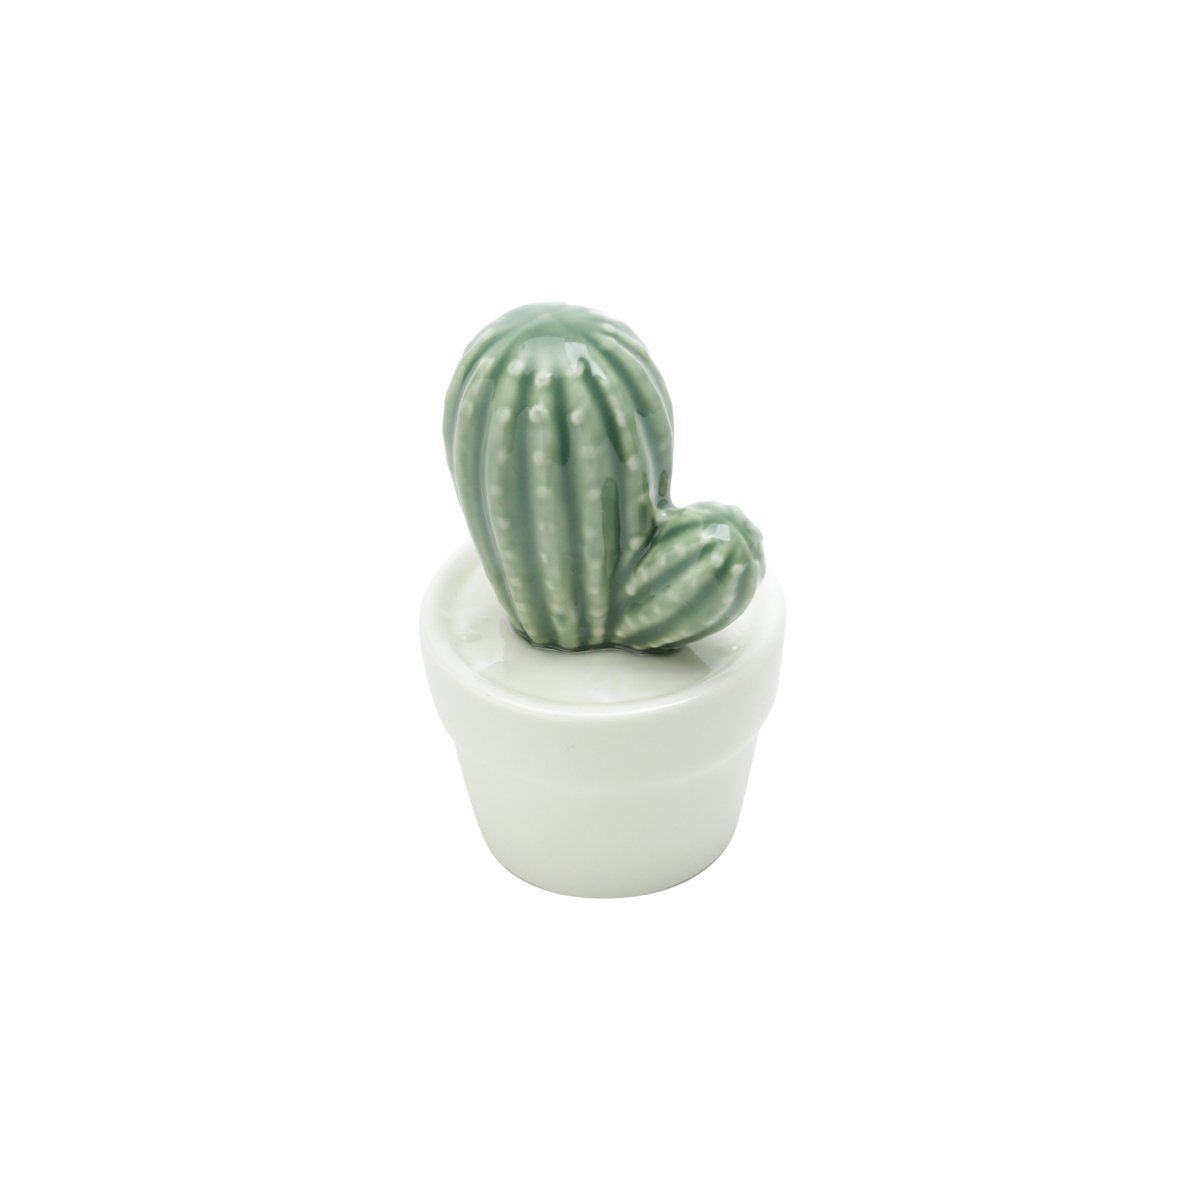 Vaso Decorativo de Cerâmica Cacto Verde e Branco 12cm x 7,5cm - 41180